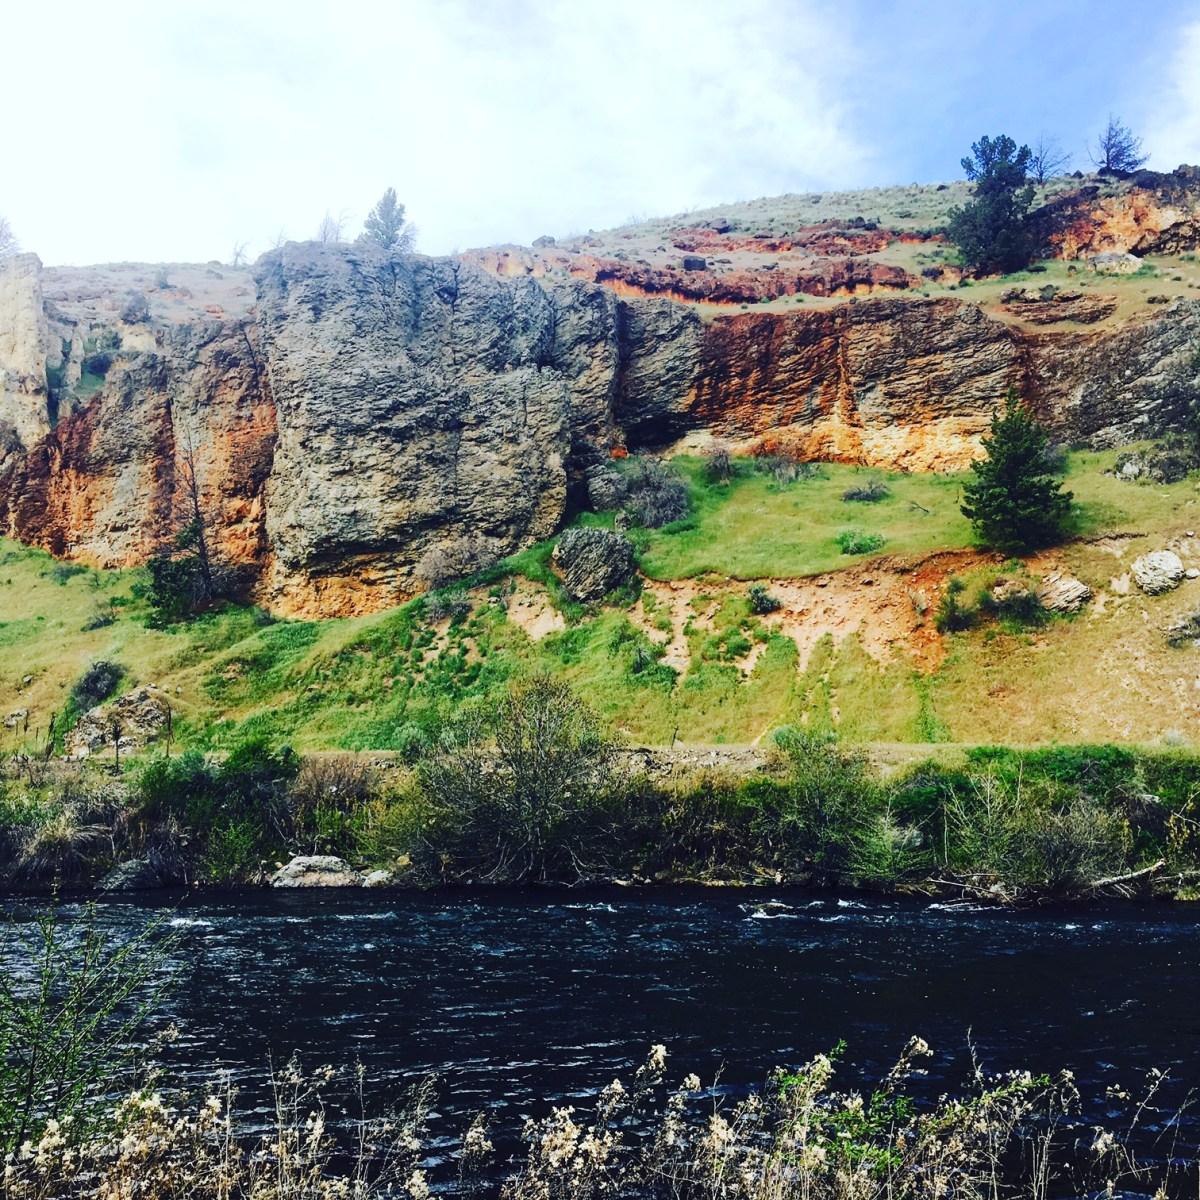 The Deschutes River near Madras, Oregon